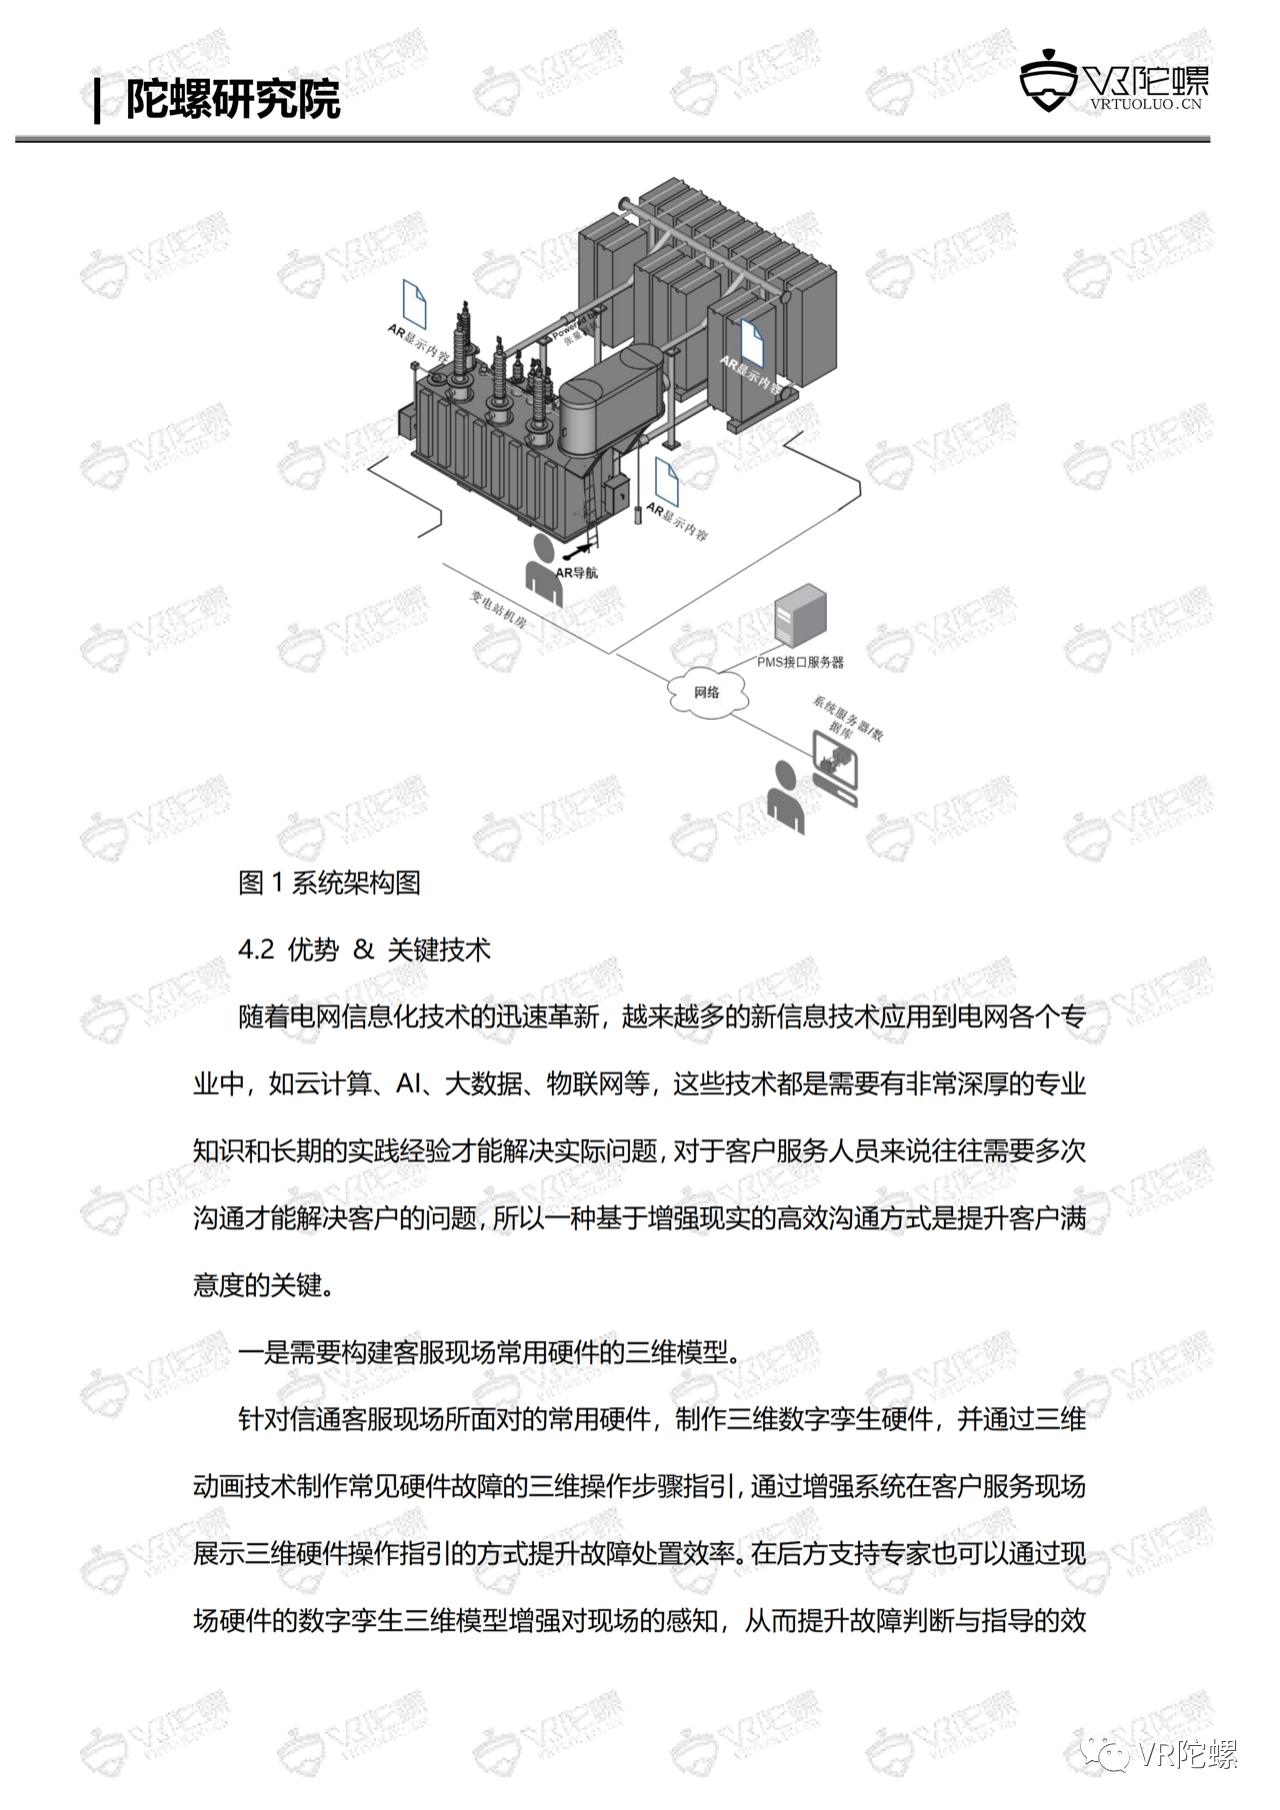 陀螺研究院XR行业应用案例集 | MR+智慧电站巡检